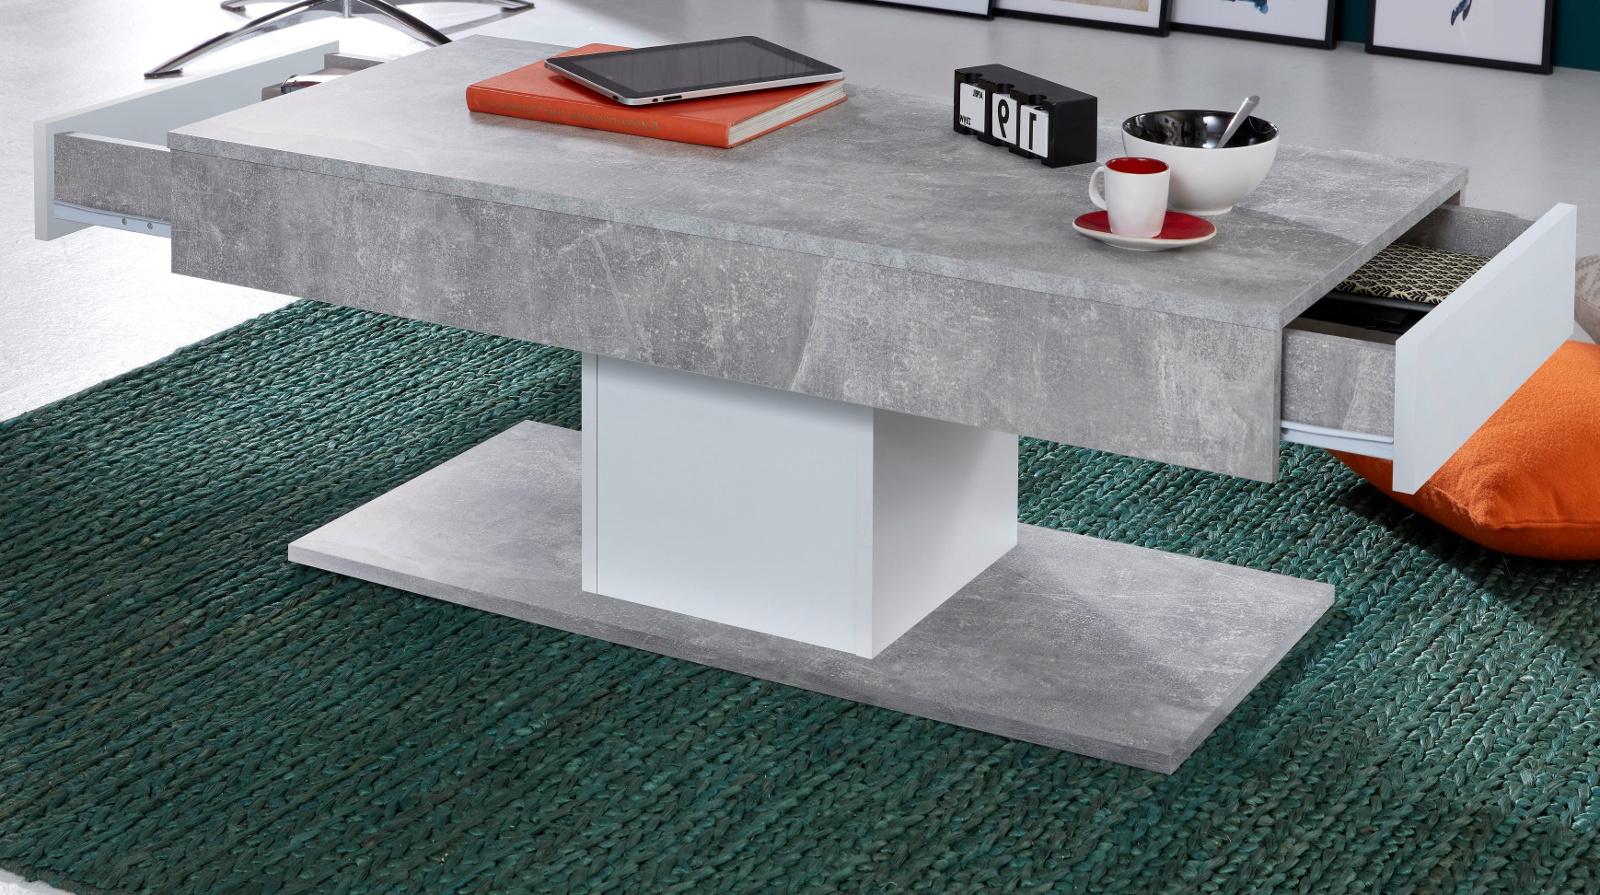 couchtisch universal stone design grau und wei 110 cm. Black Bedroom Furniture Sets. Home Design Ideas